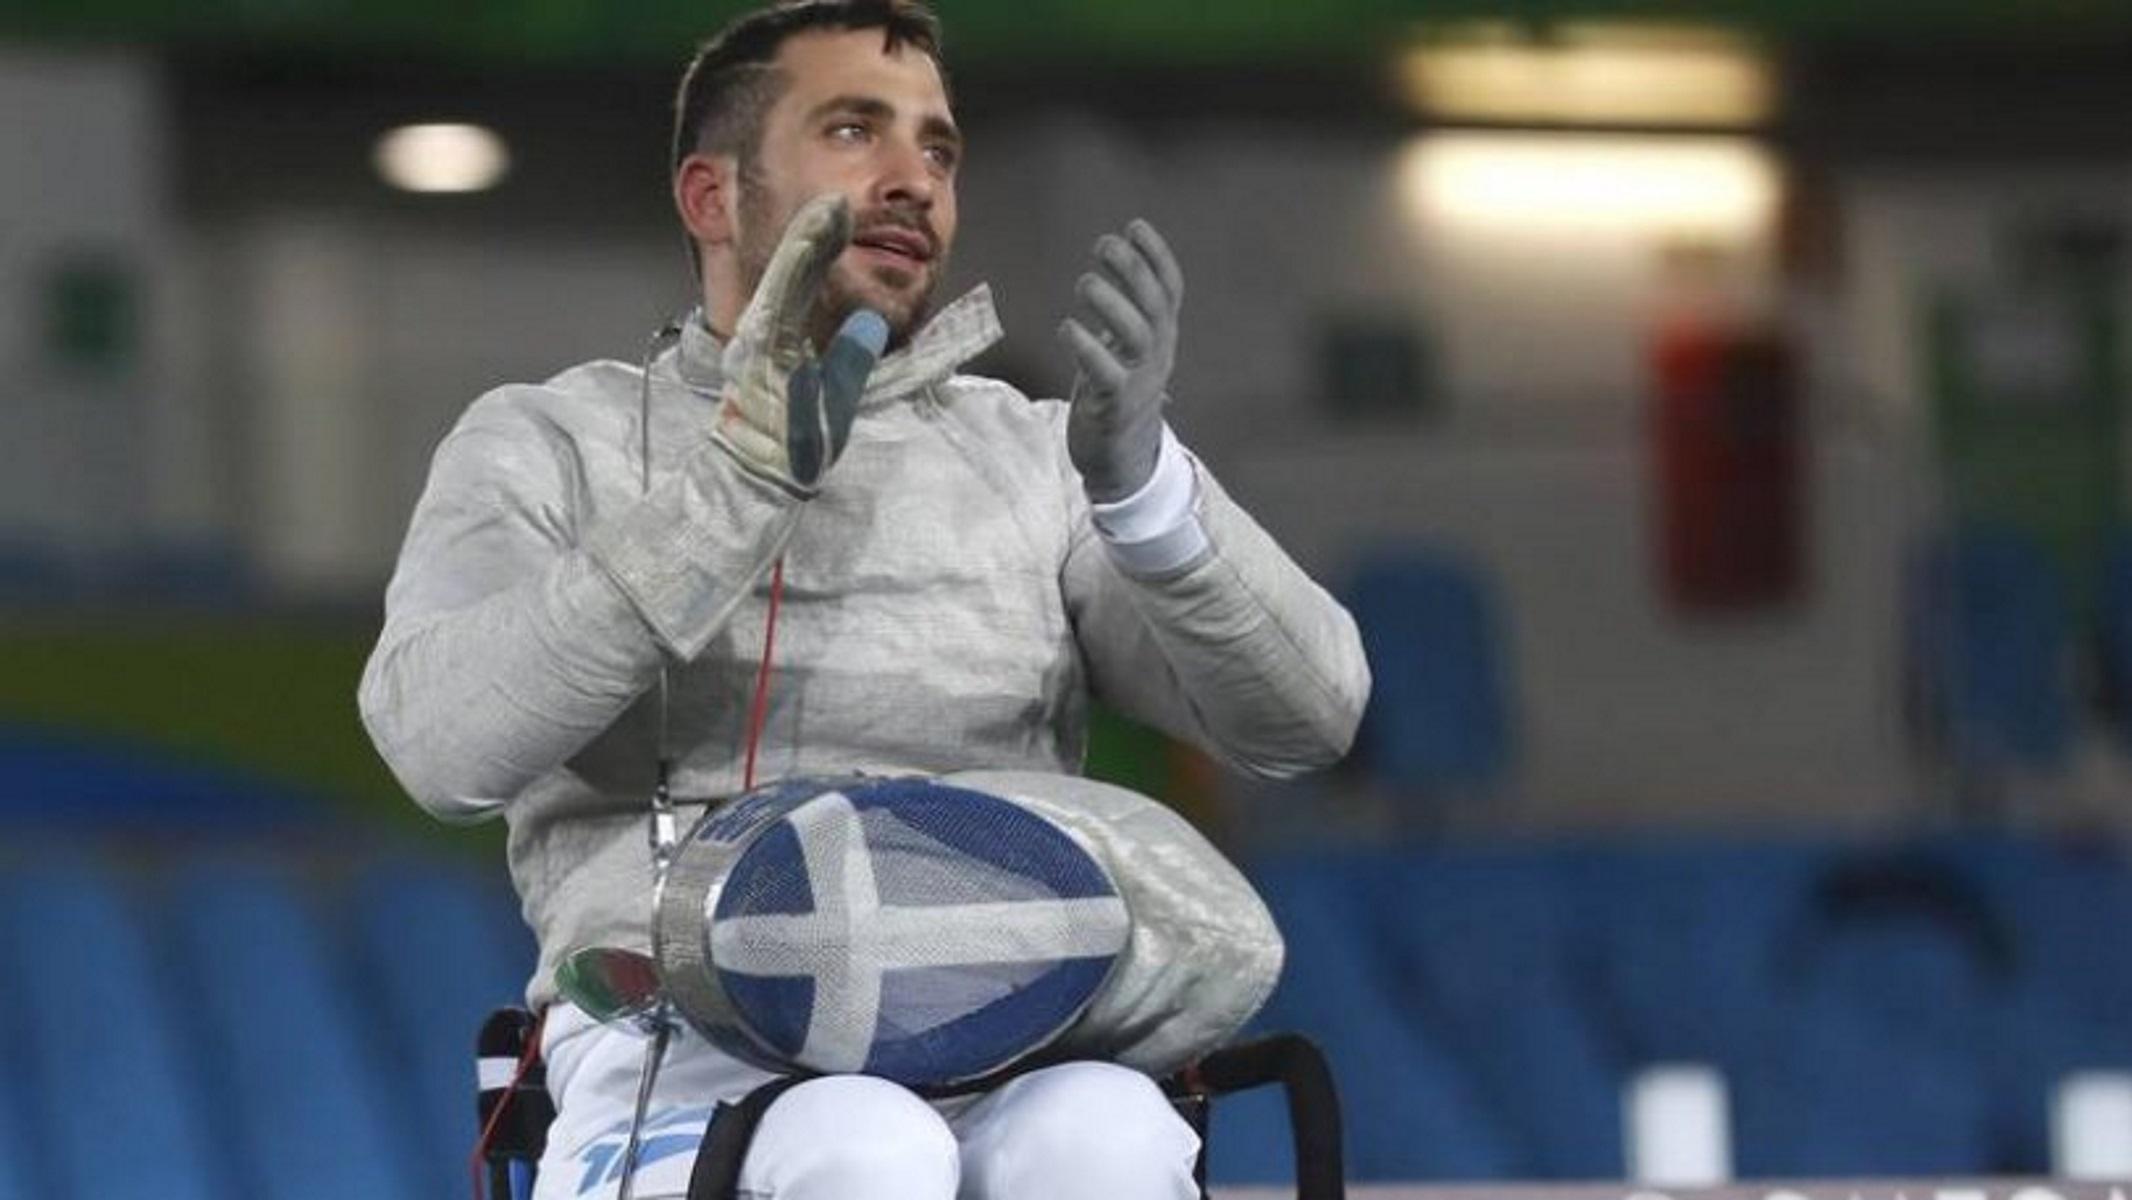 """""""Χρυσός"""" ο Πάνος Τριανταφύλλου στο Παγκόσμιο Κύπελλο ξιφασκίας με αμαξίδιο"""